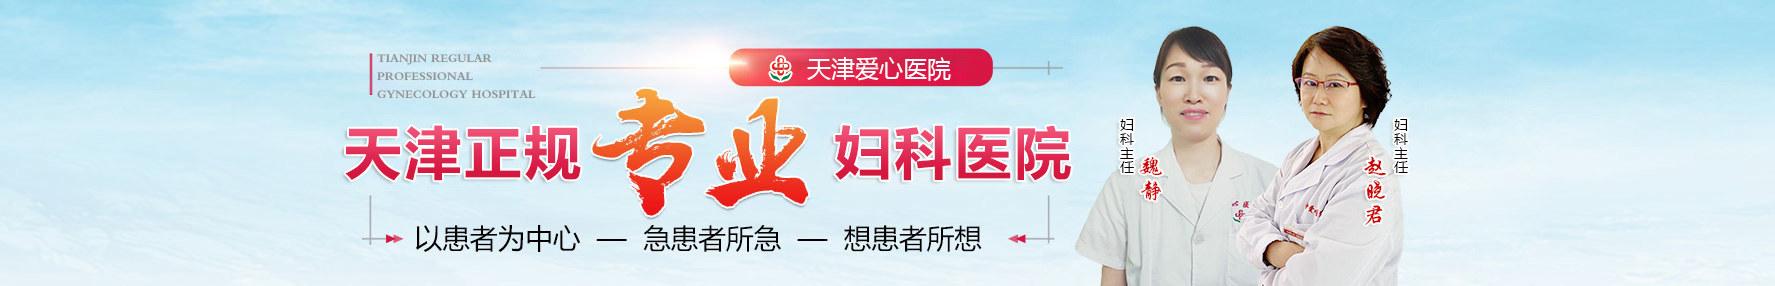 天津人流在线视频偷国产精品